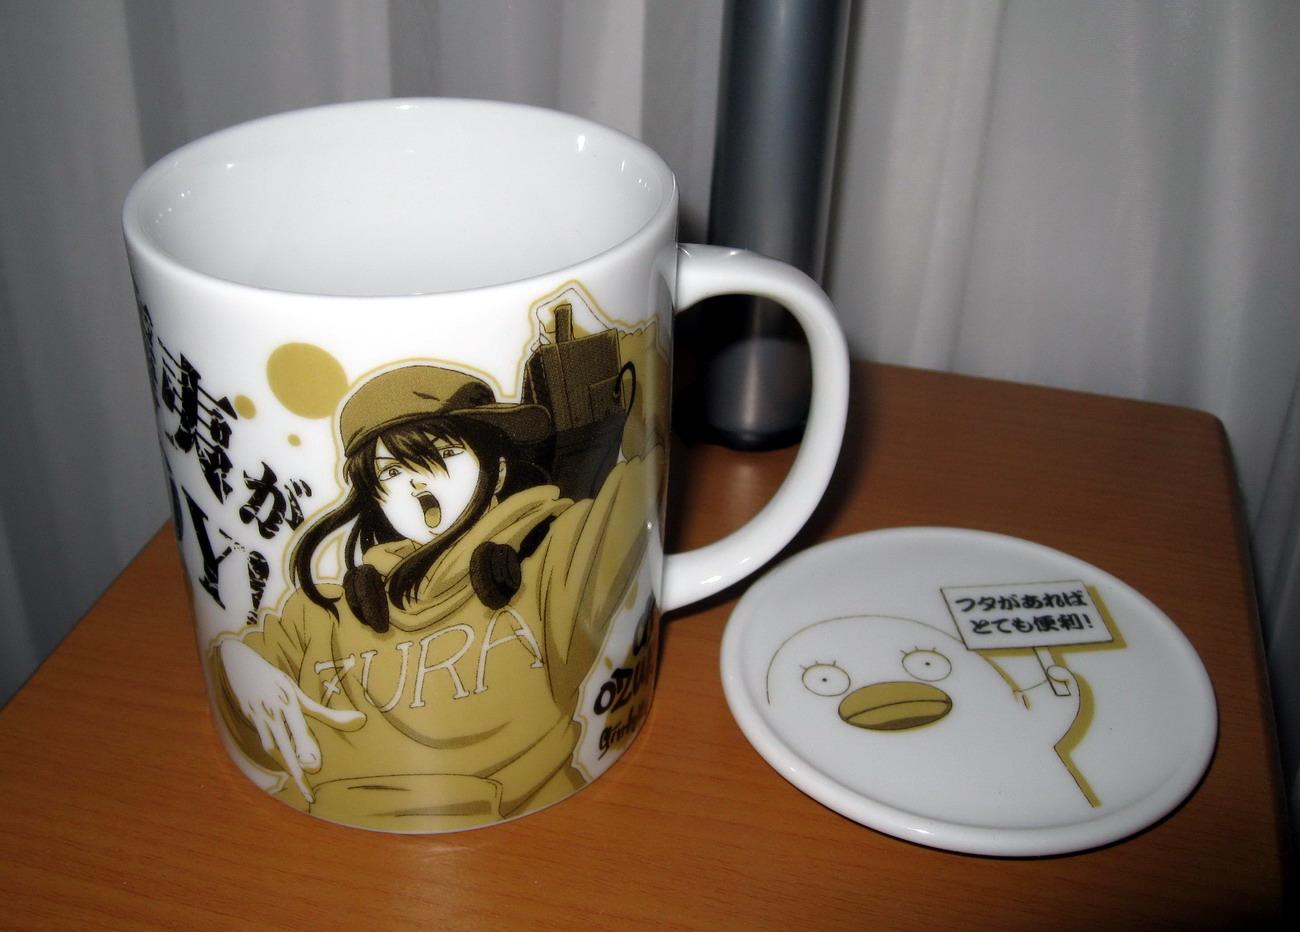 Gintama mug - Katsura_2